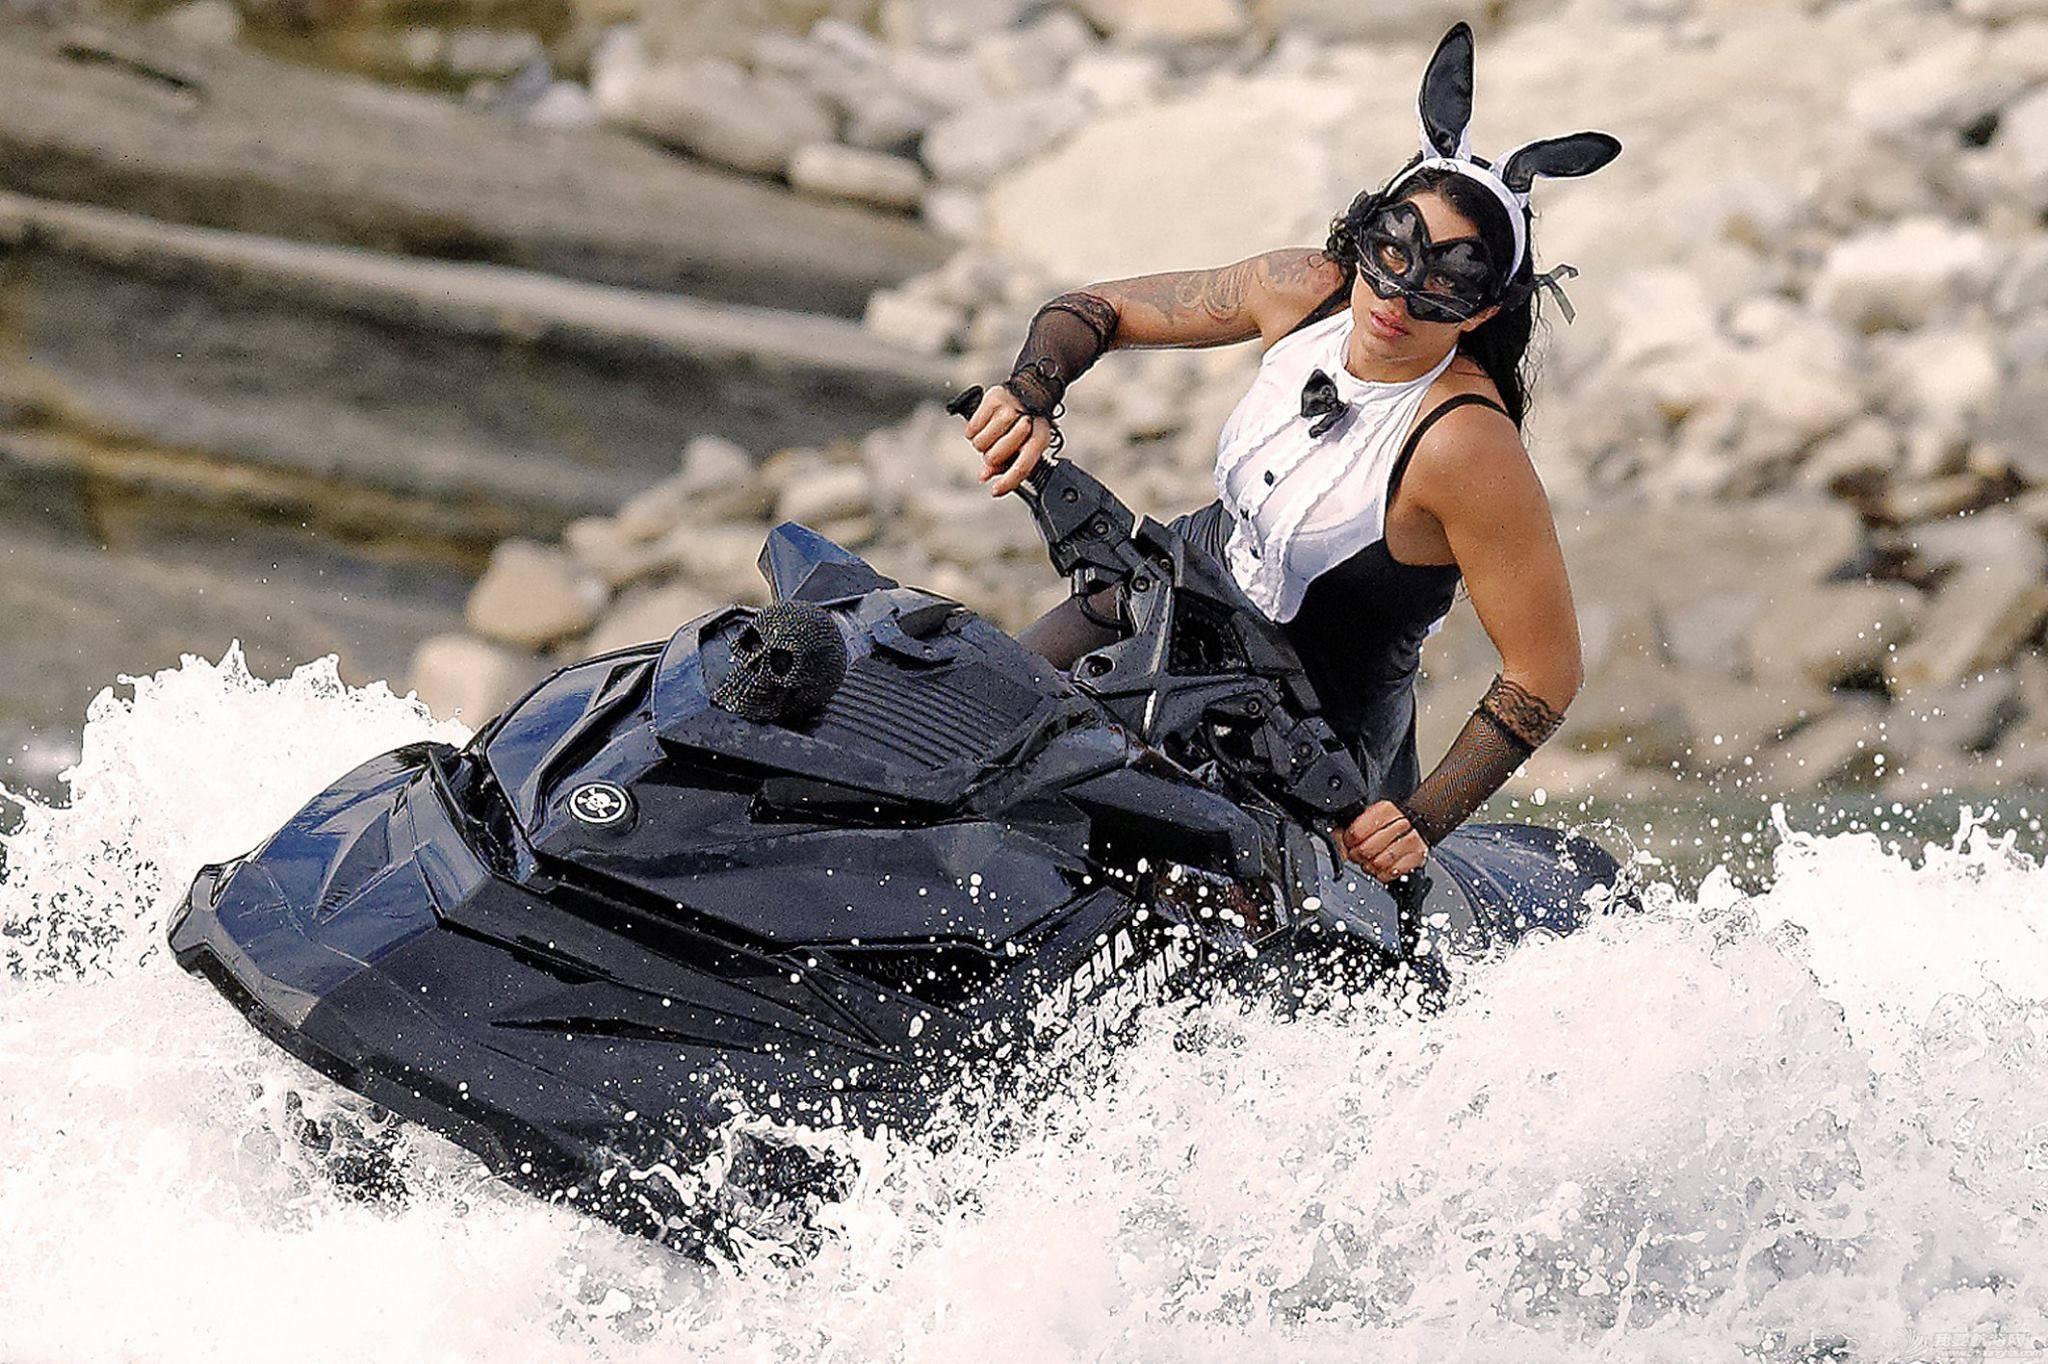 """穿比基尼,水上运动,阳光沙滩,爱好者,救生衣 """"艇""""胸而上 带你浪 d405cd0b7c4ccb55b6b53589f7b00001.jpg"""